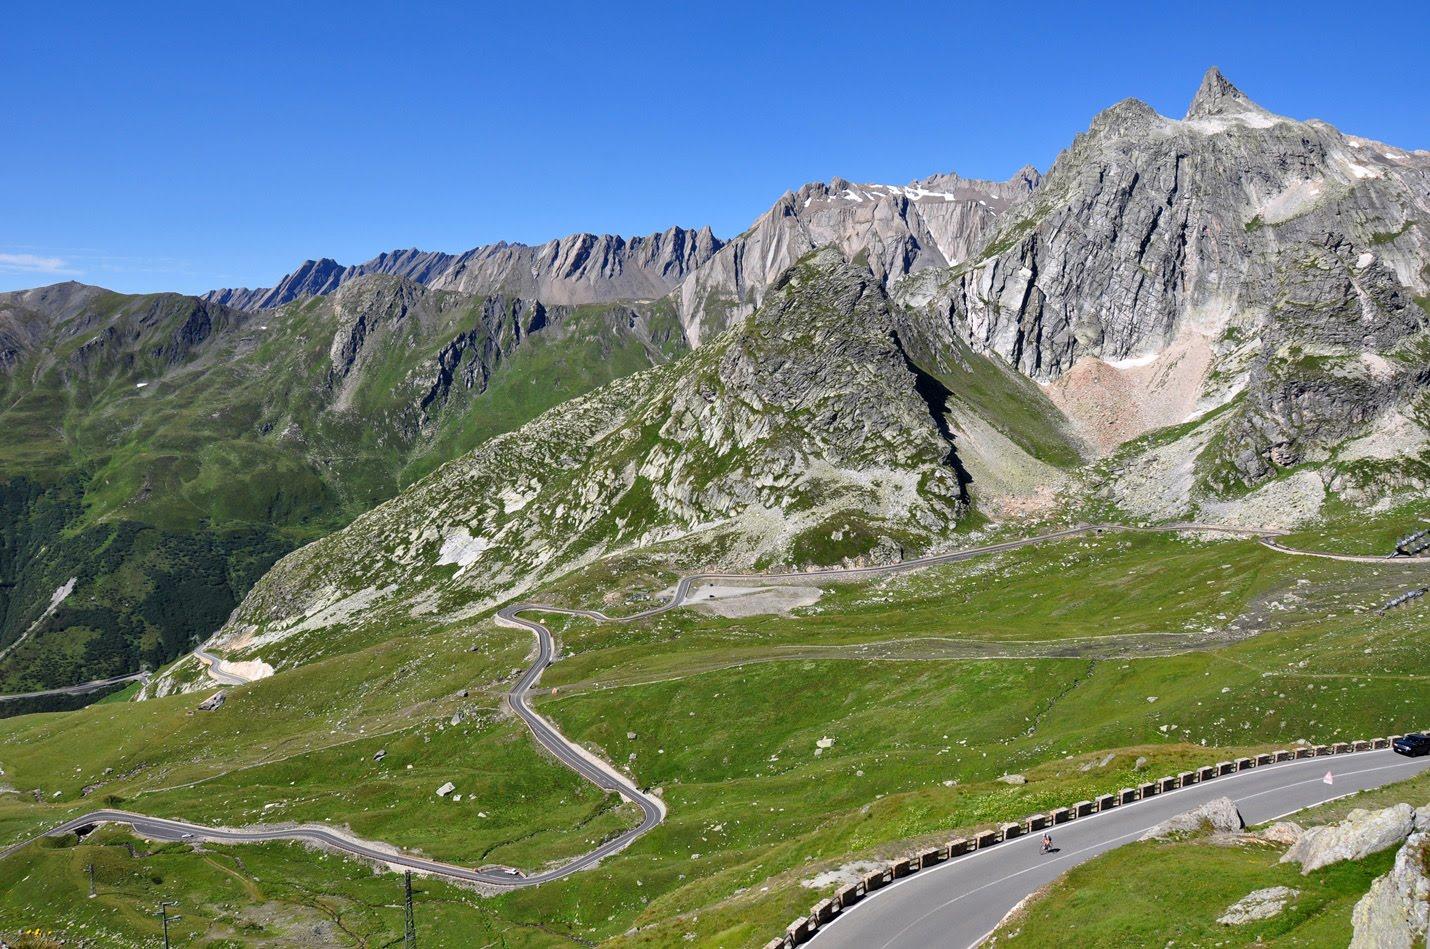 Petit Saint Bernard Pass – [CarCrazedFool]